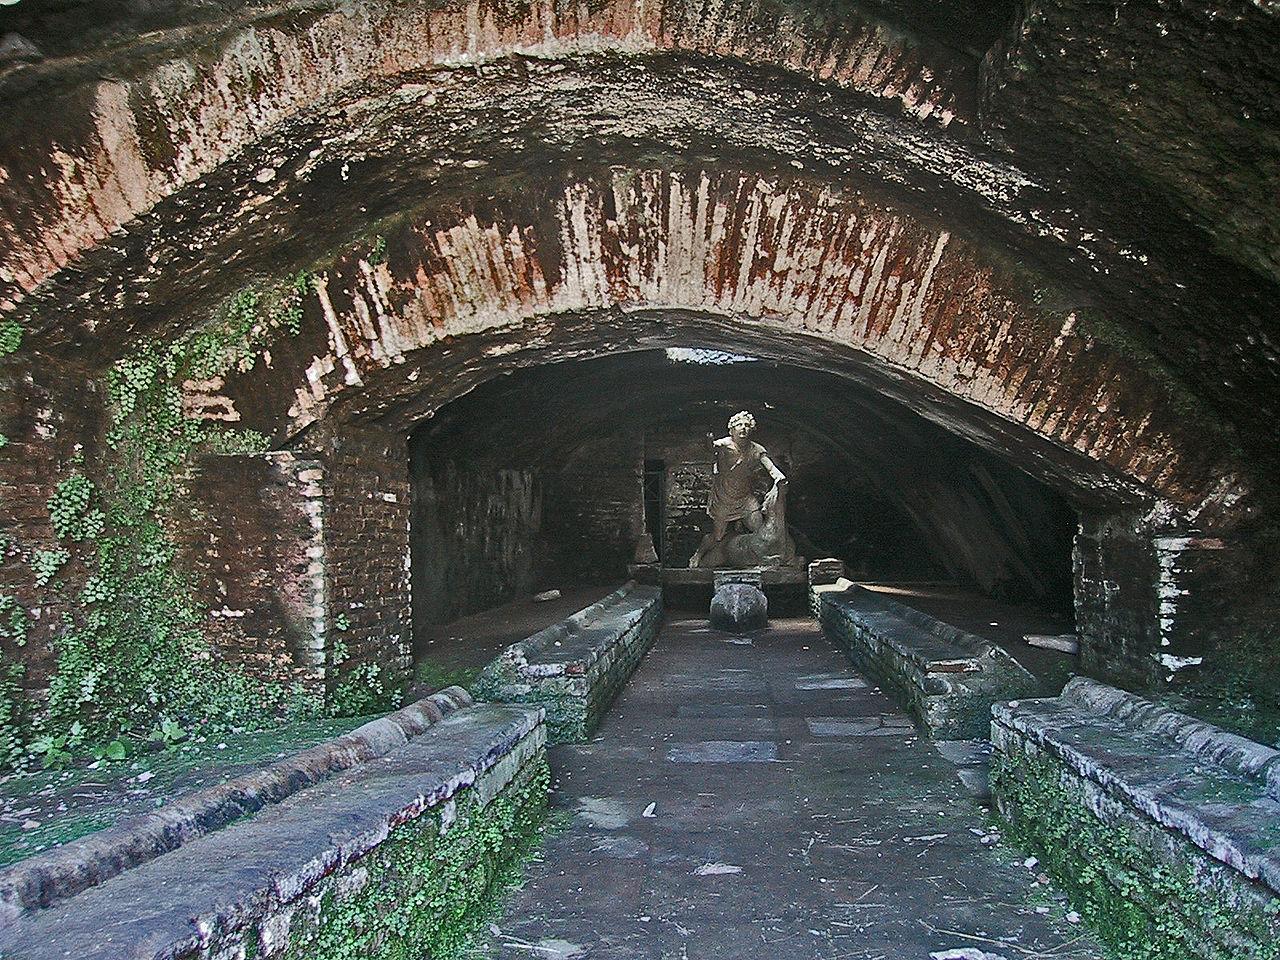 یک میترائیوم که در شهر بندری و باستانی «اوستیا» در ایتالیا کشف شدهاست. مهرابههای بسیاری نظیر آن در آلمان، فرانسه و روسیه، بهطور اتفاقی یا هنگام مرمت کلیساها پیدا شدهاند.